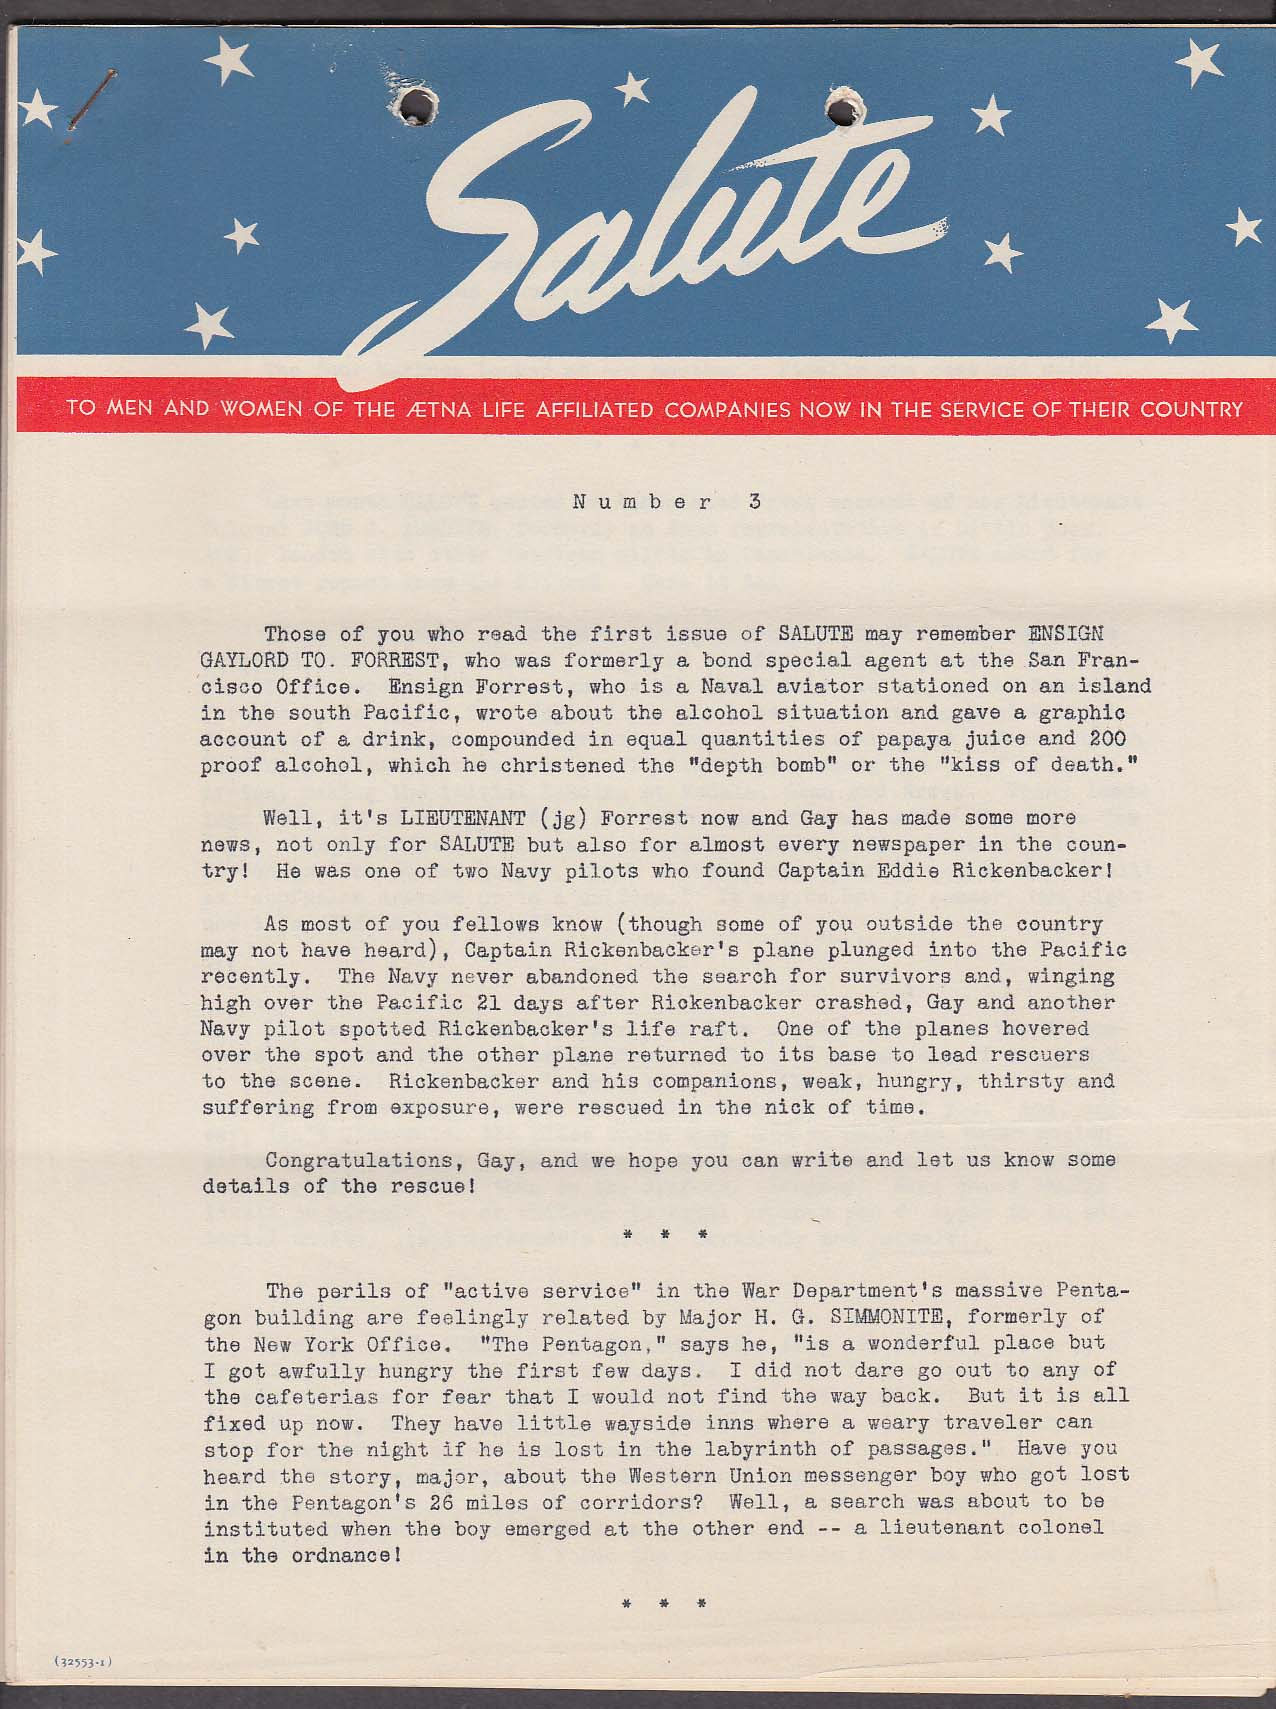 Aetna Life SALUTE #3 Men & Women in Service newsletter 1940s